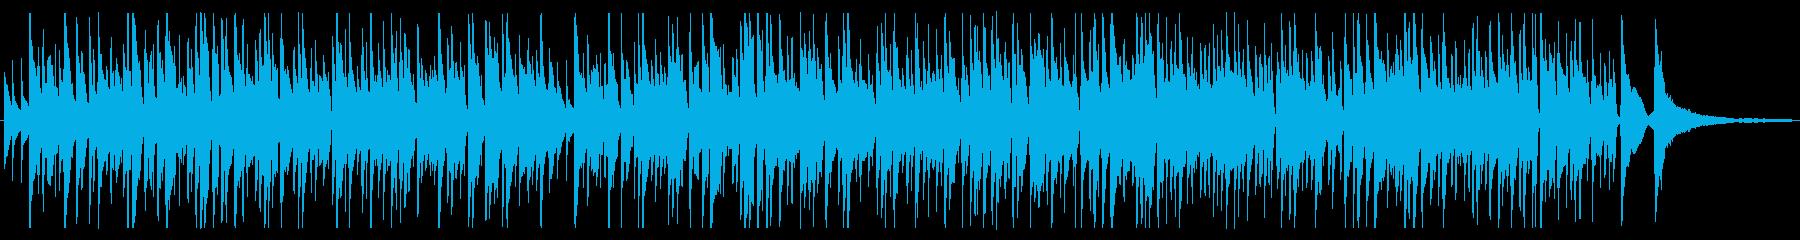 落ち着くボサノバギターBGM Shortの再生済みの波形